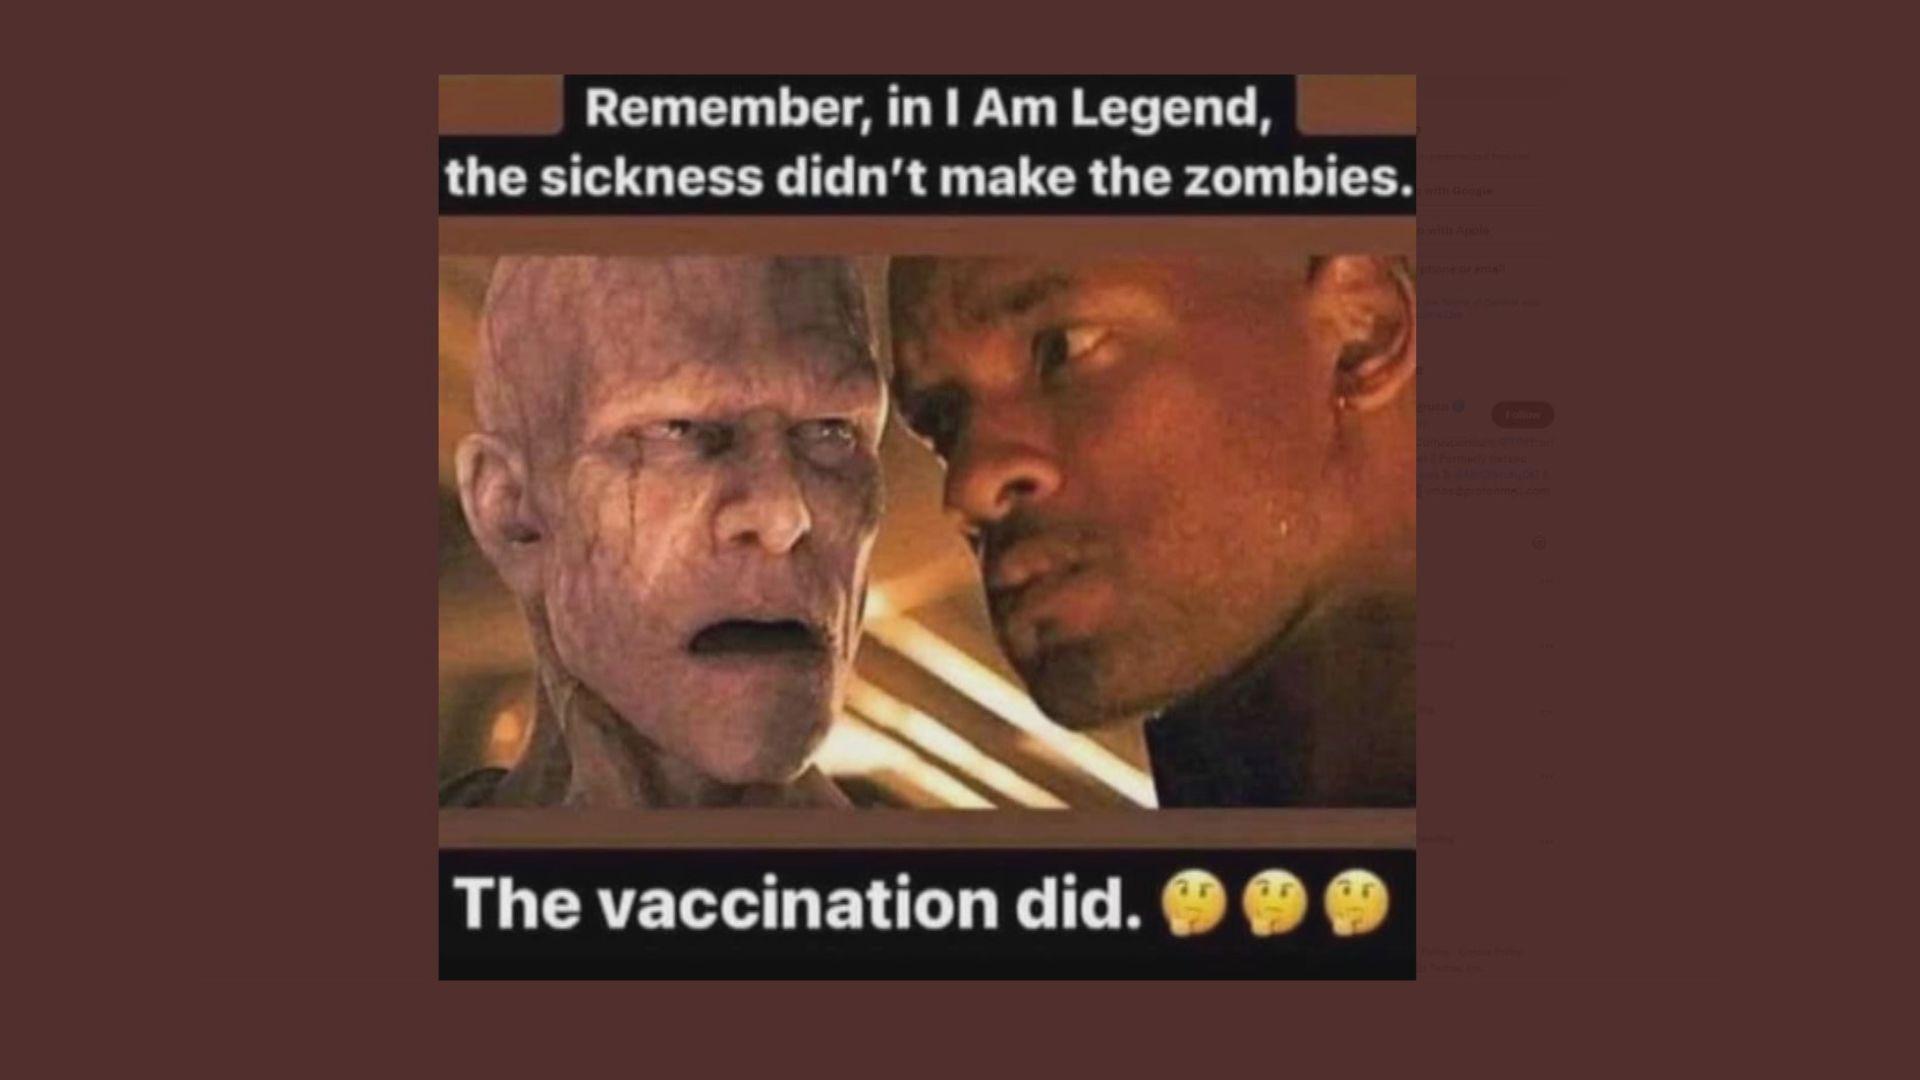 【環球薈報】《魔間傳奇》編劇回應接種疫苗後變喪屍傳聞